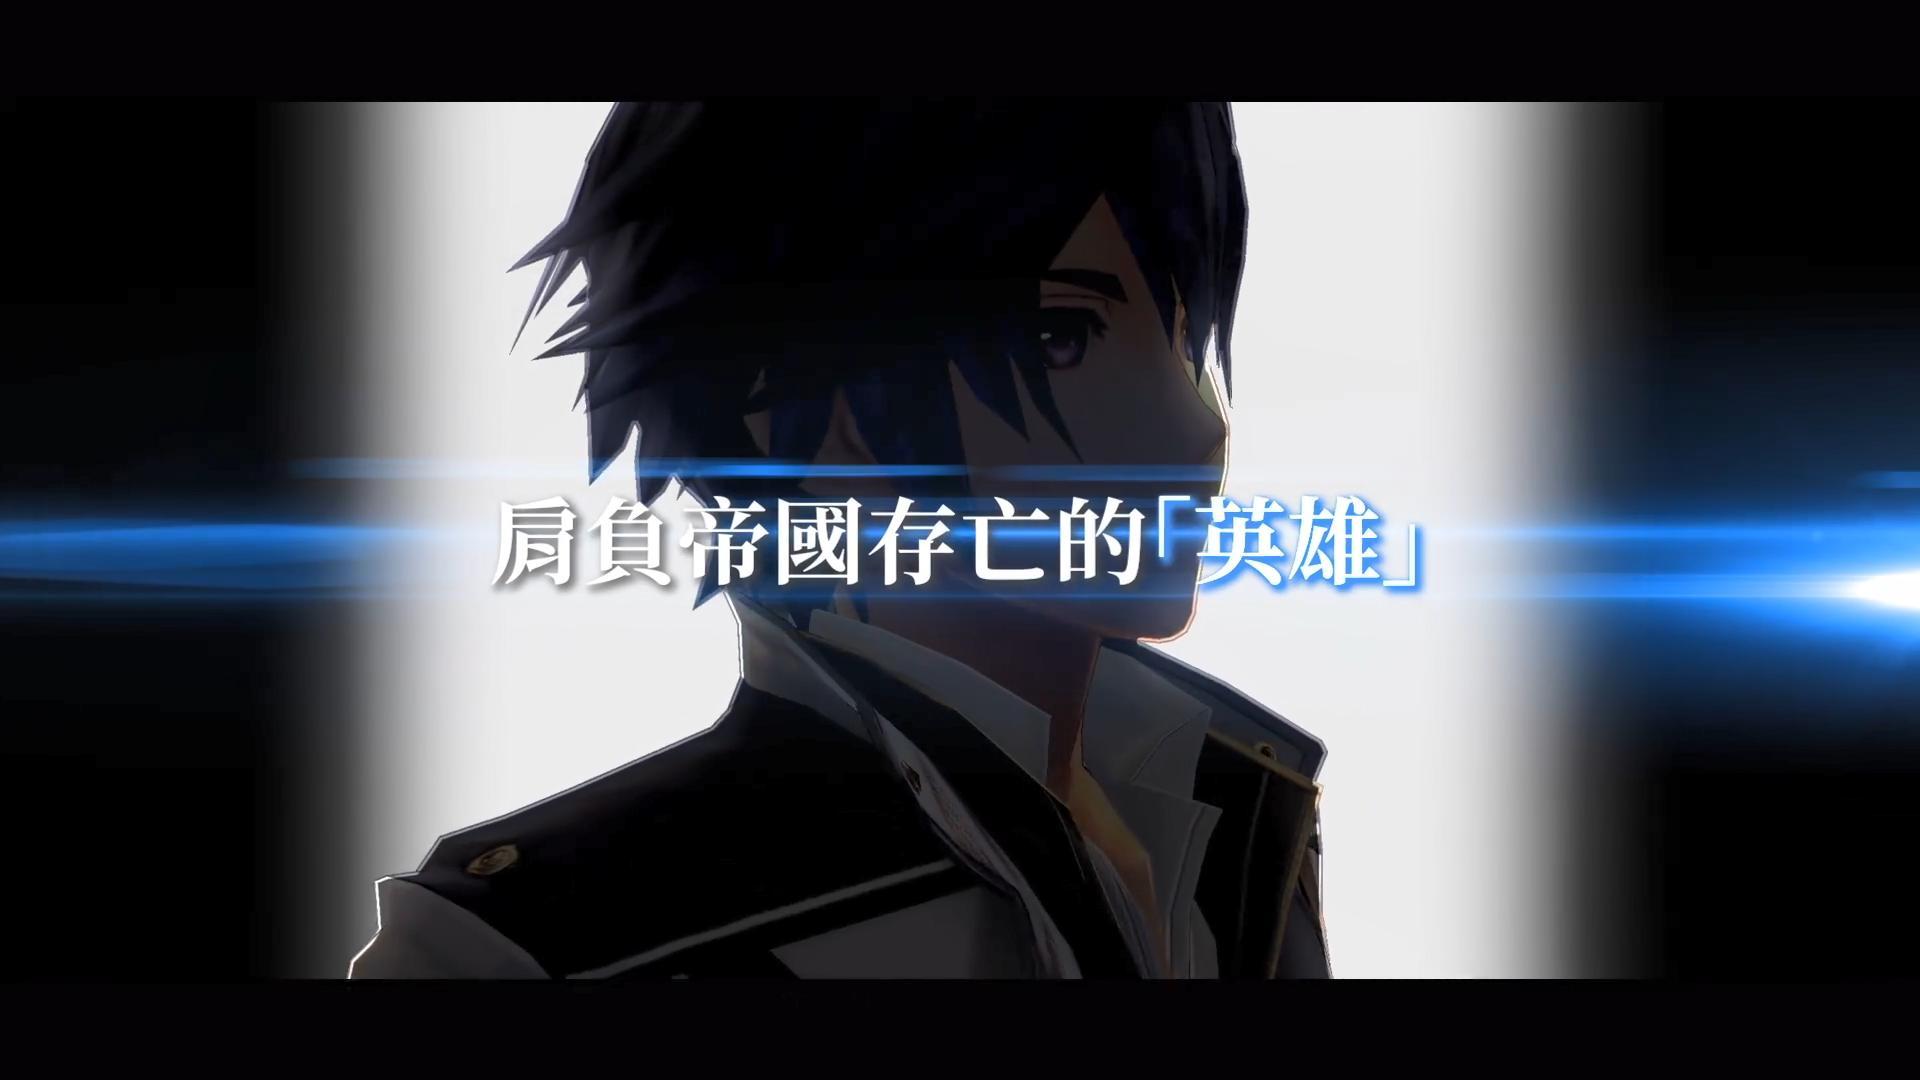 《英雄传说 创之轨迹》最新中文宣传影片 NS和PC同步推出